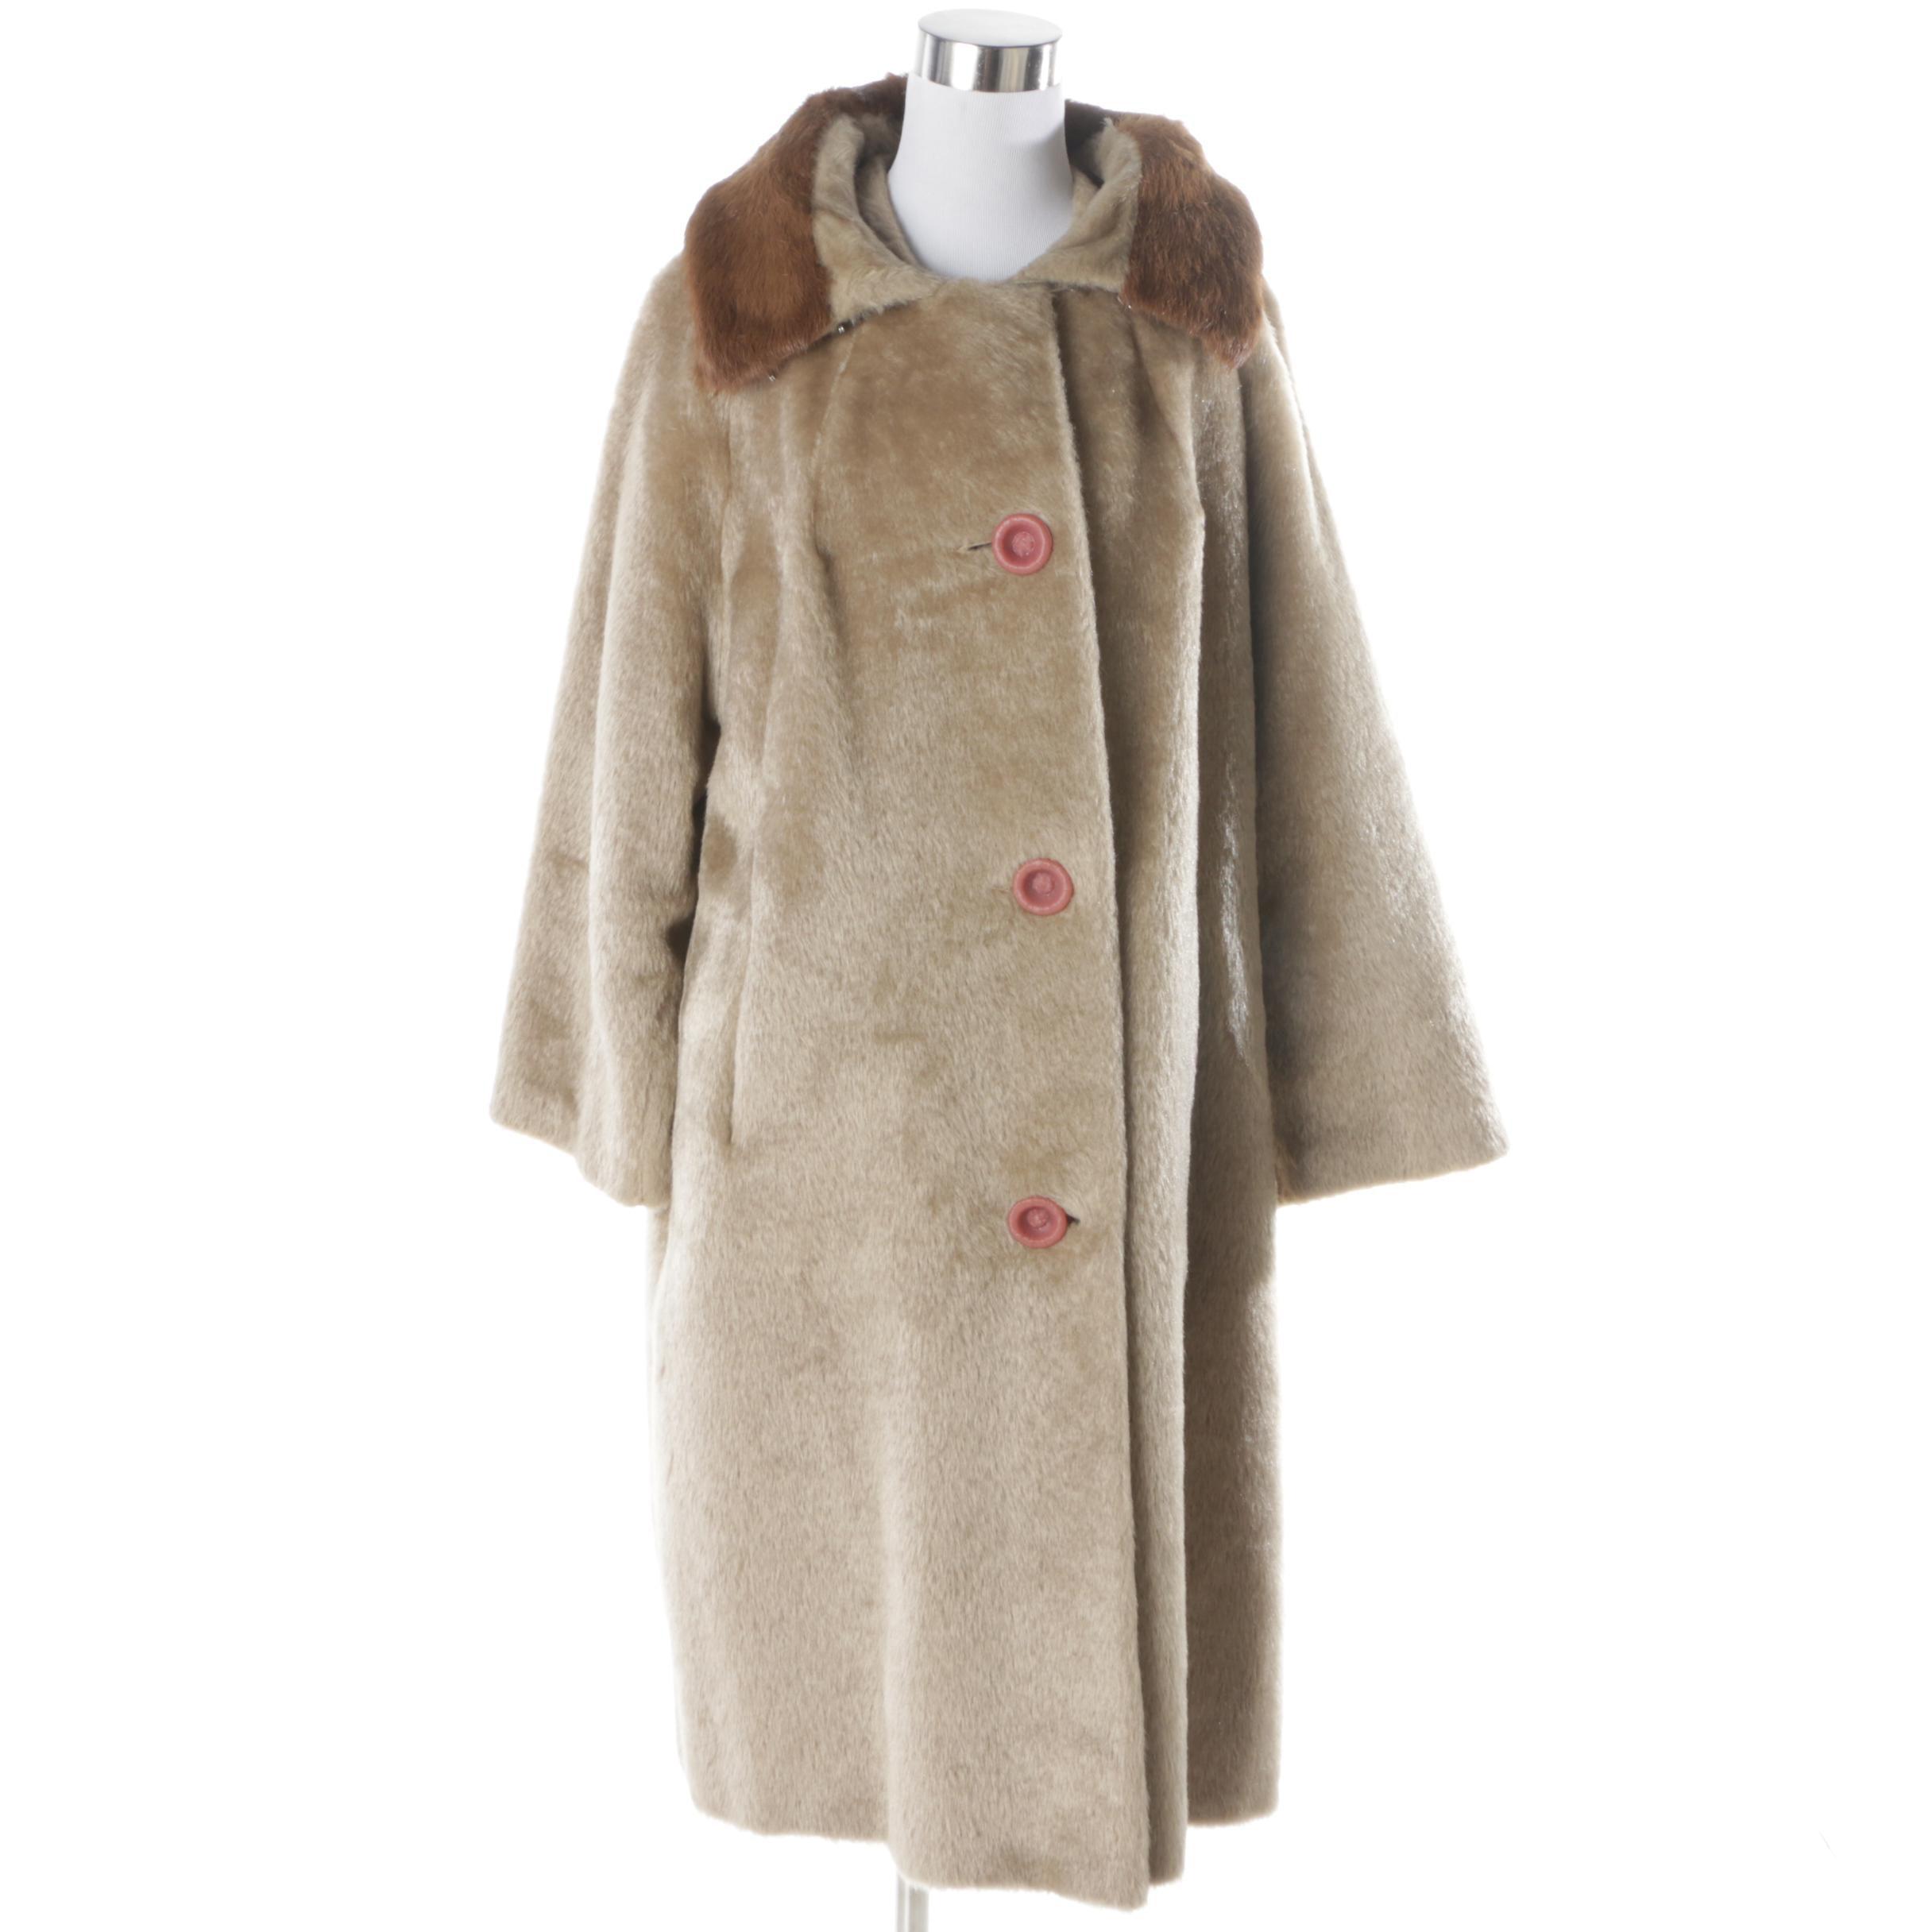 Women's Vintage Coat with Fur Collar